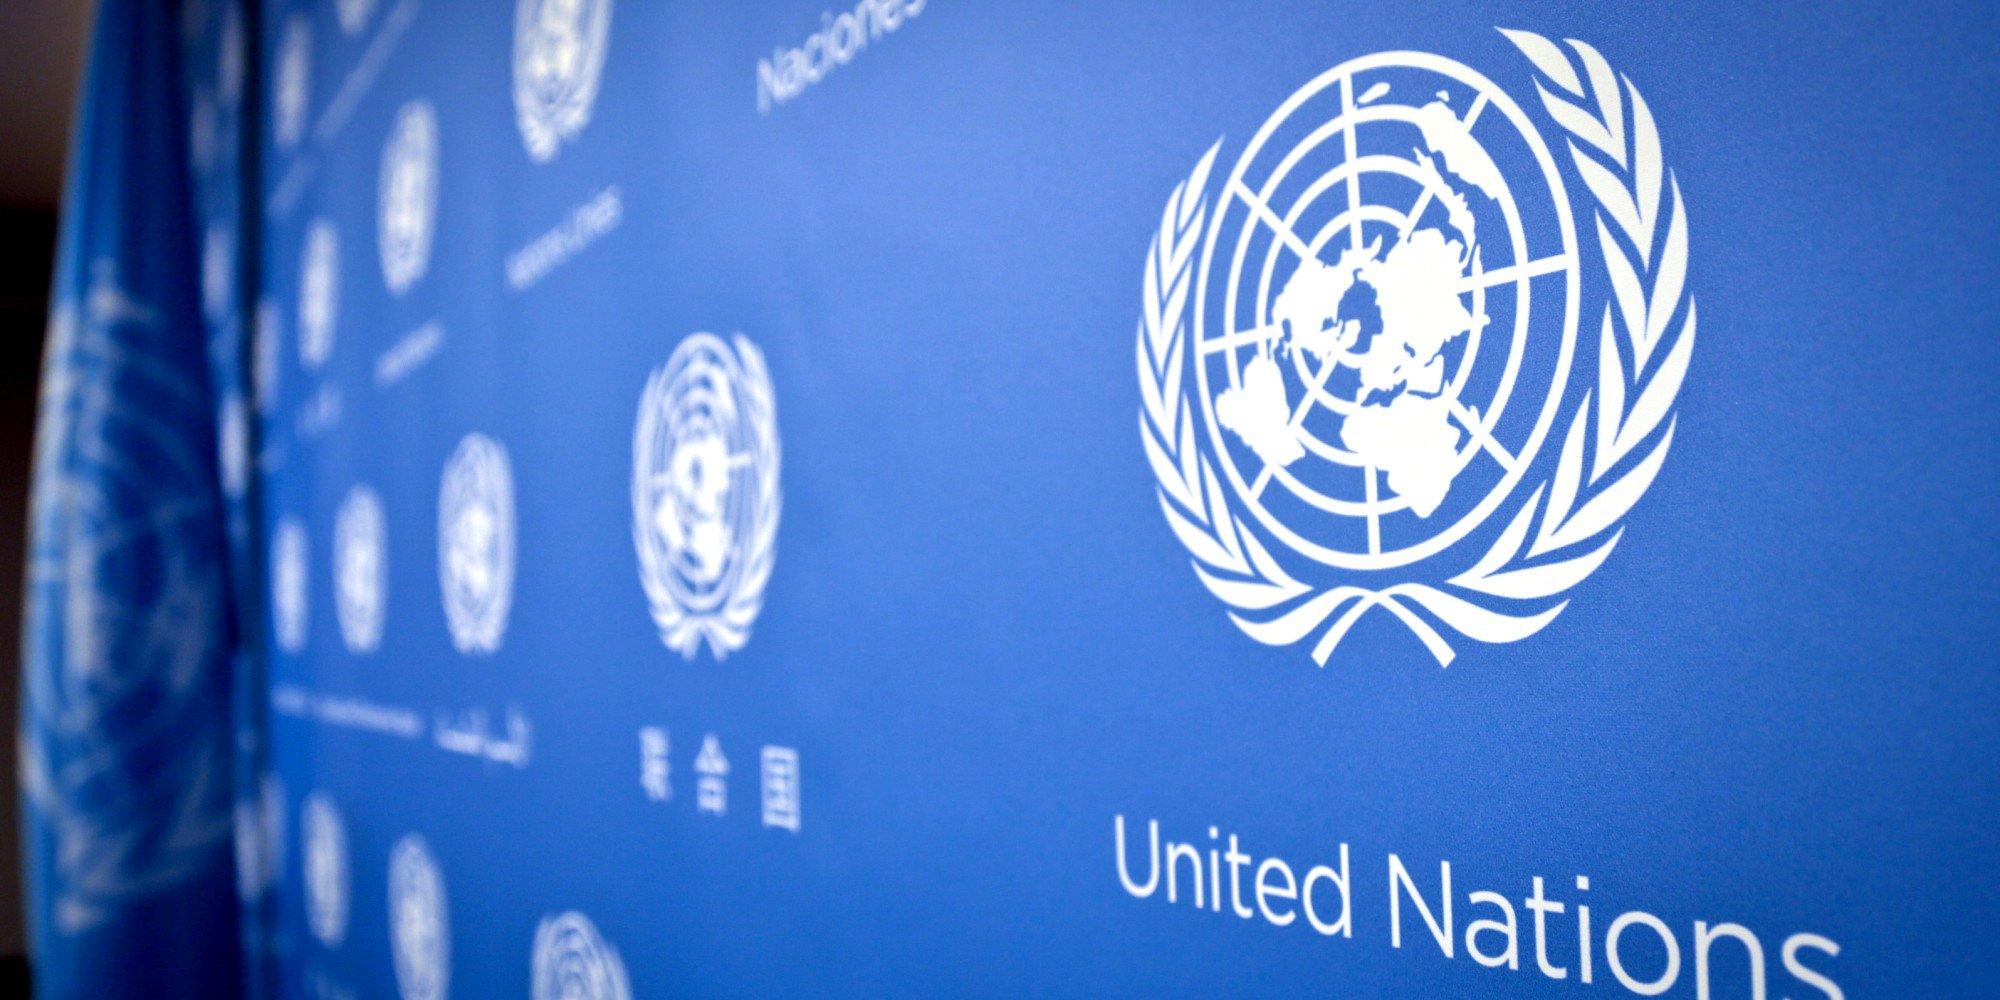 Израиль готов отказаться от снобжения деньгами ООН из-за «предвзятого отношения»